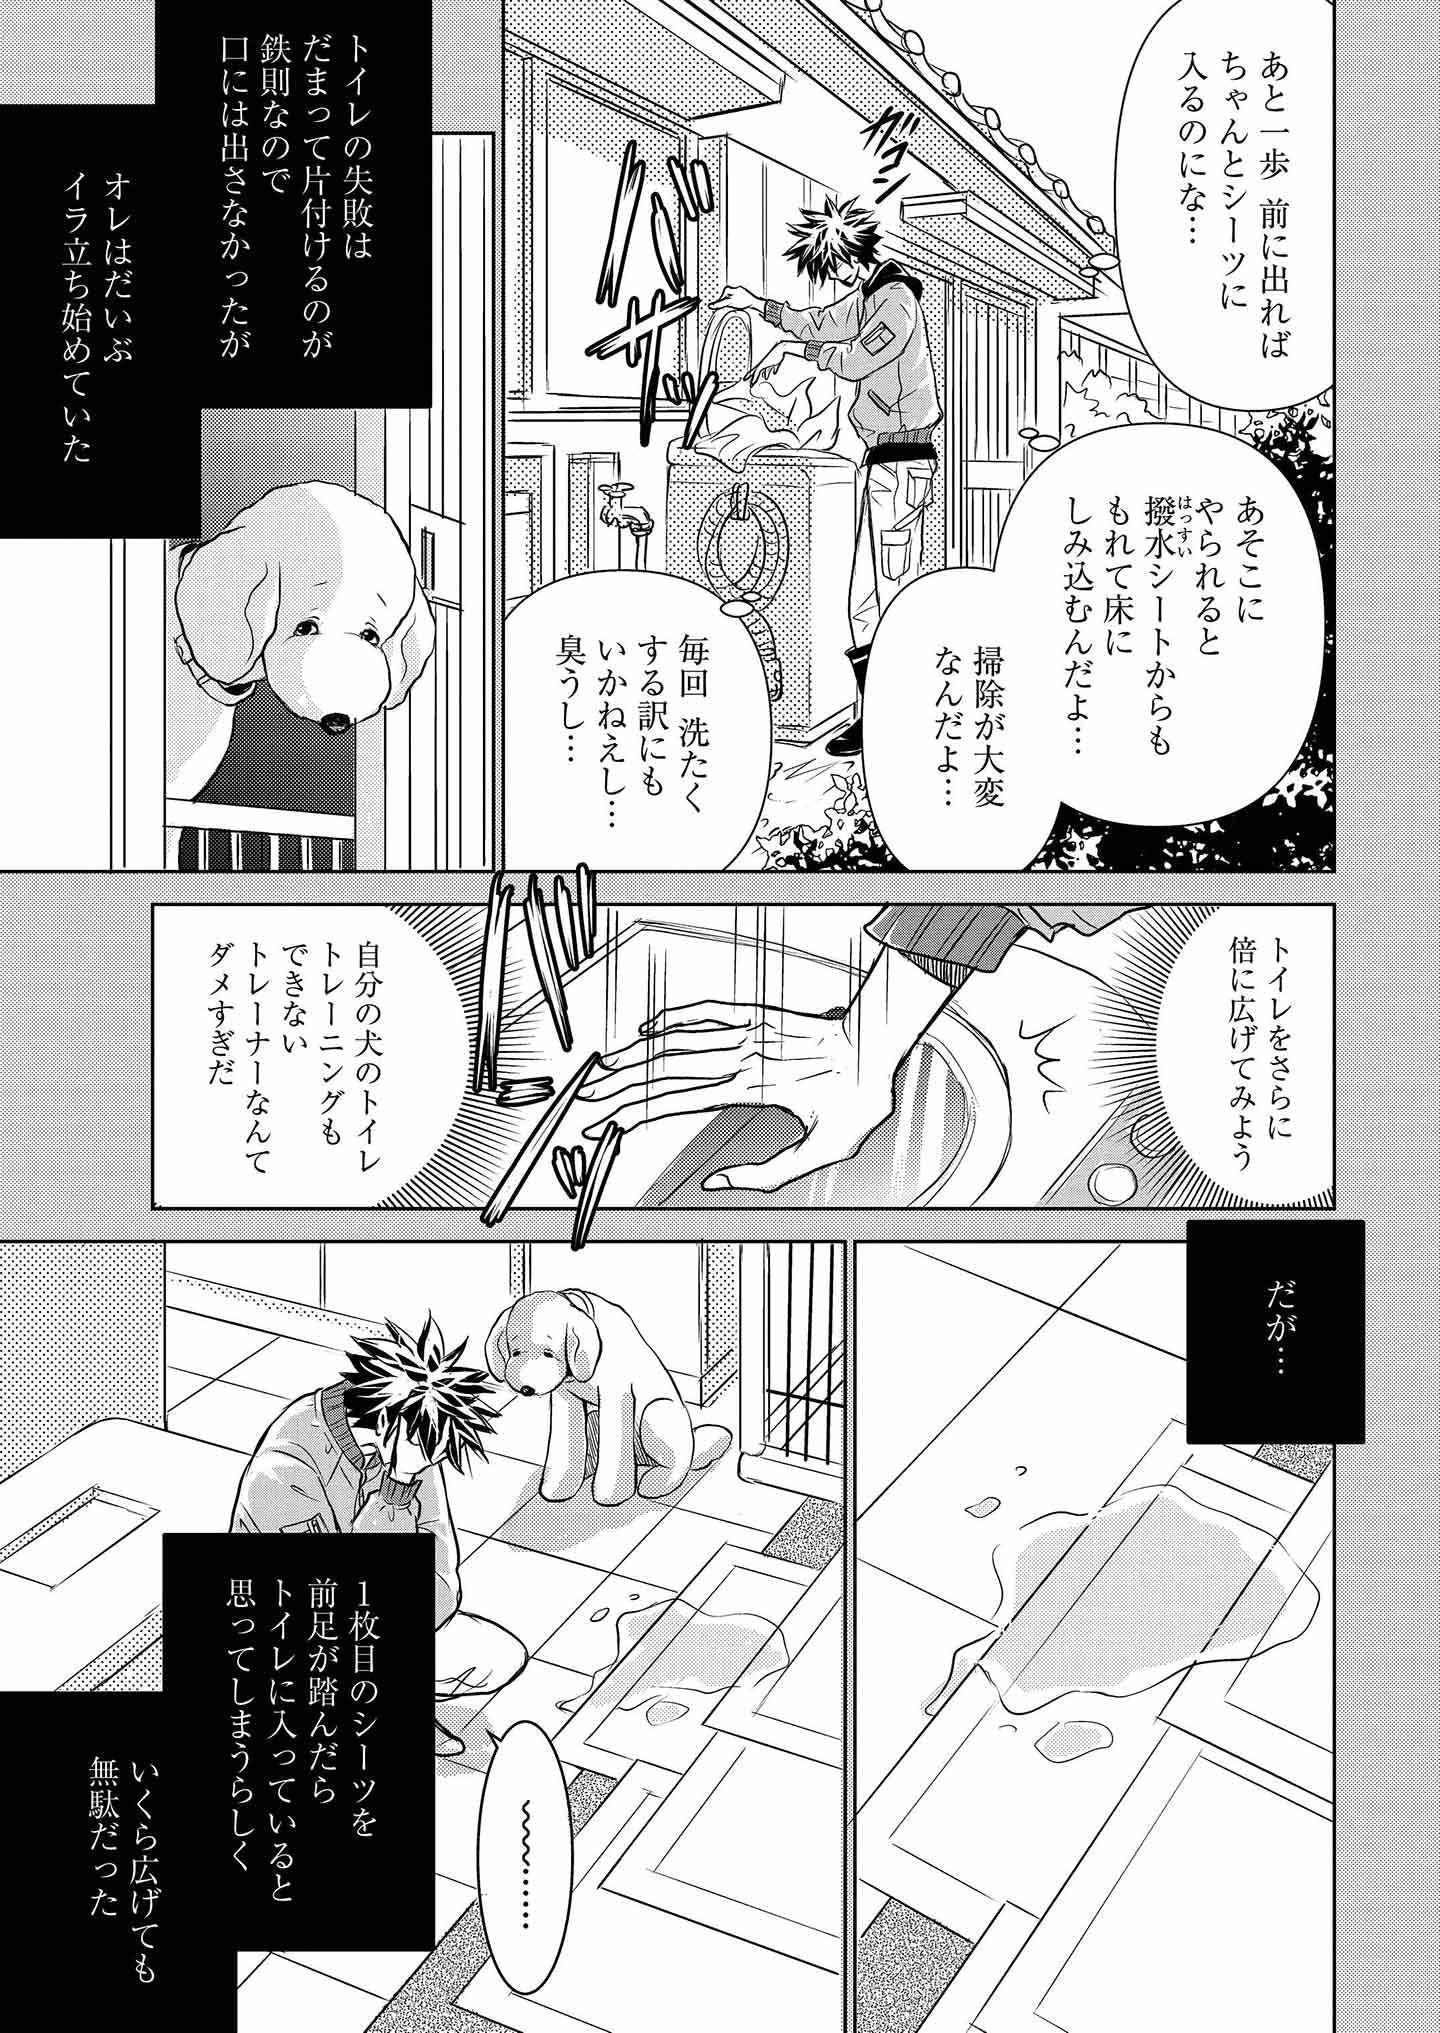 『DOG SIGNAL』14話目② 5ページ目